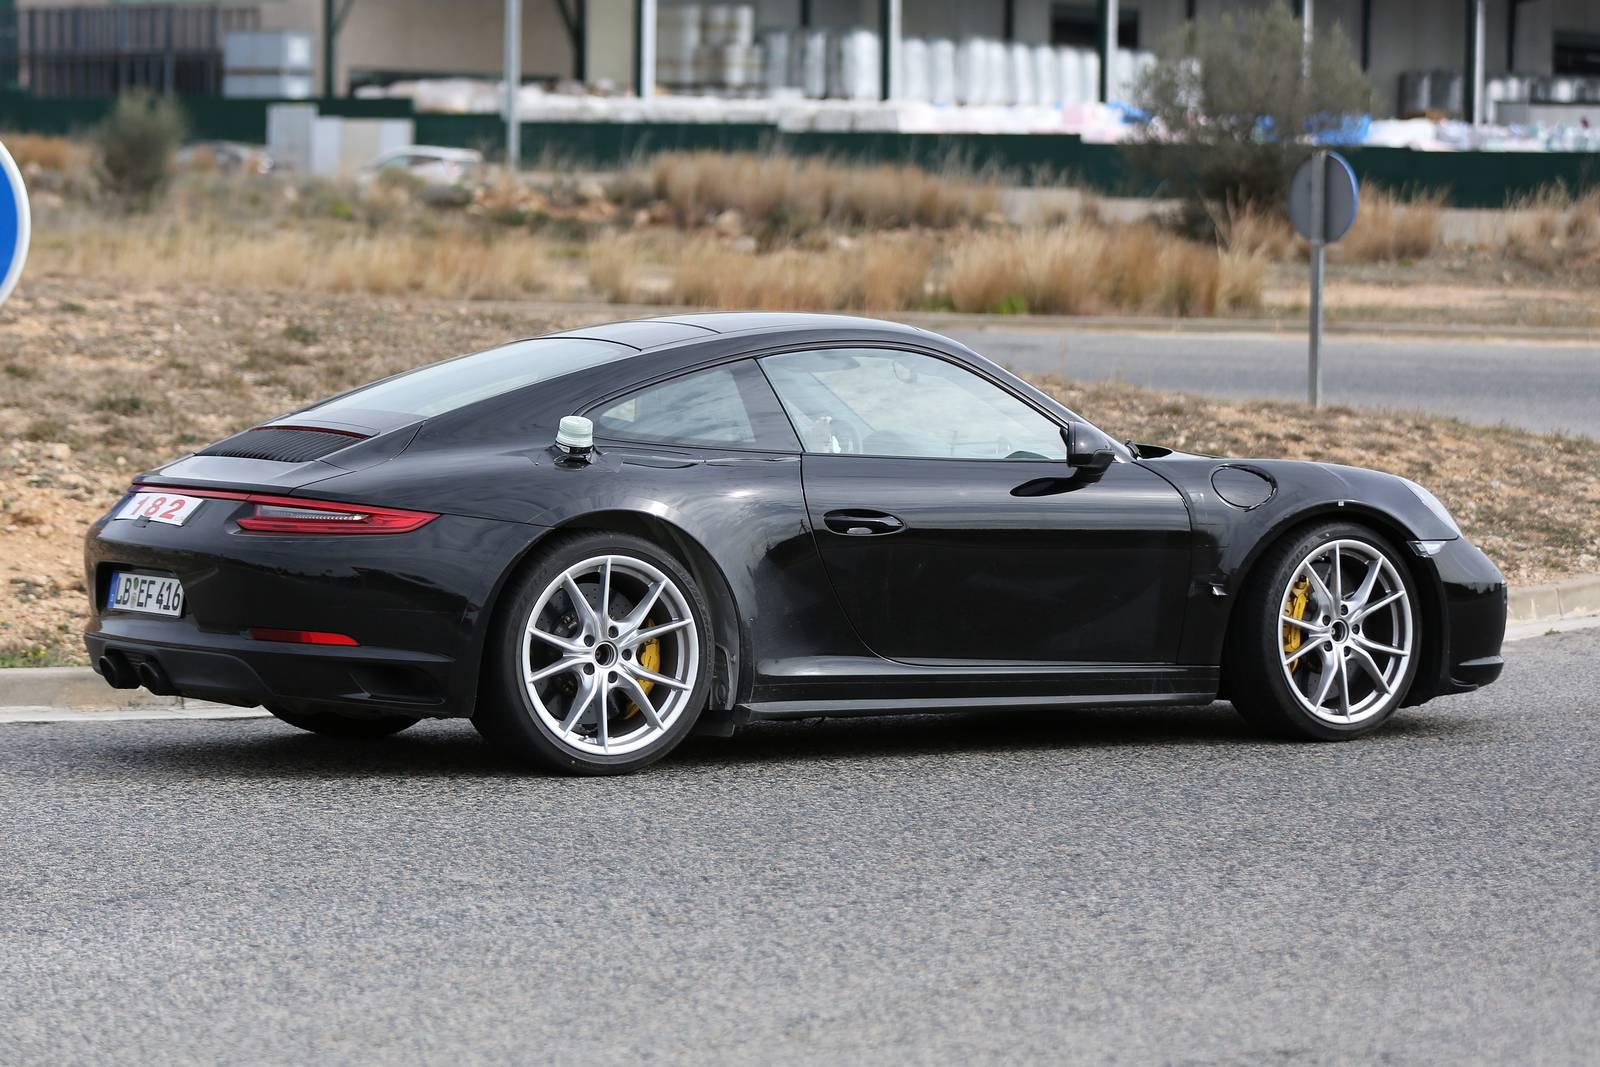 Next Gen 2018 Porsche 911 1 Of 8 Contact